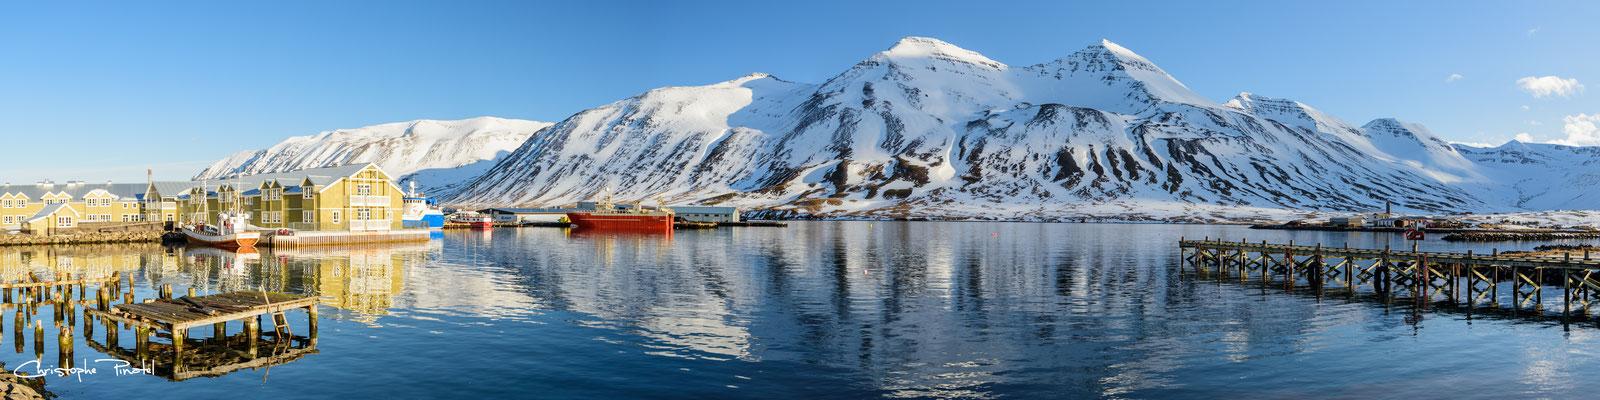 Photo 23 - Ouverture sur l'océan arctique